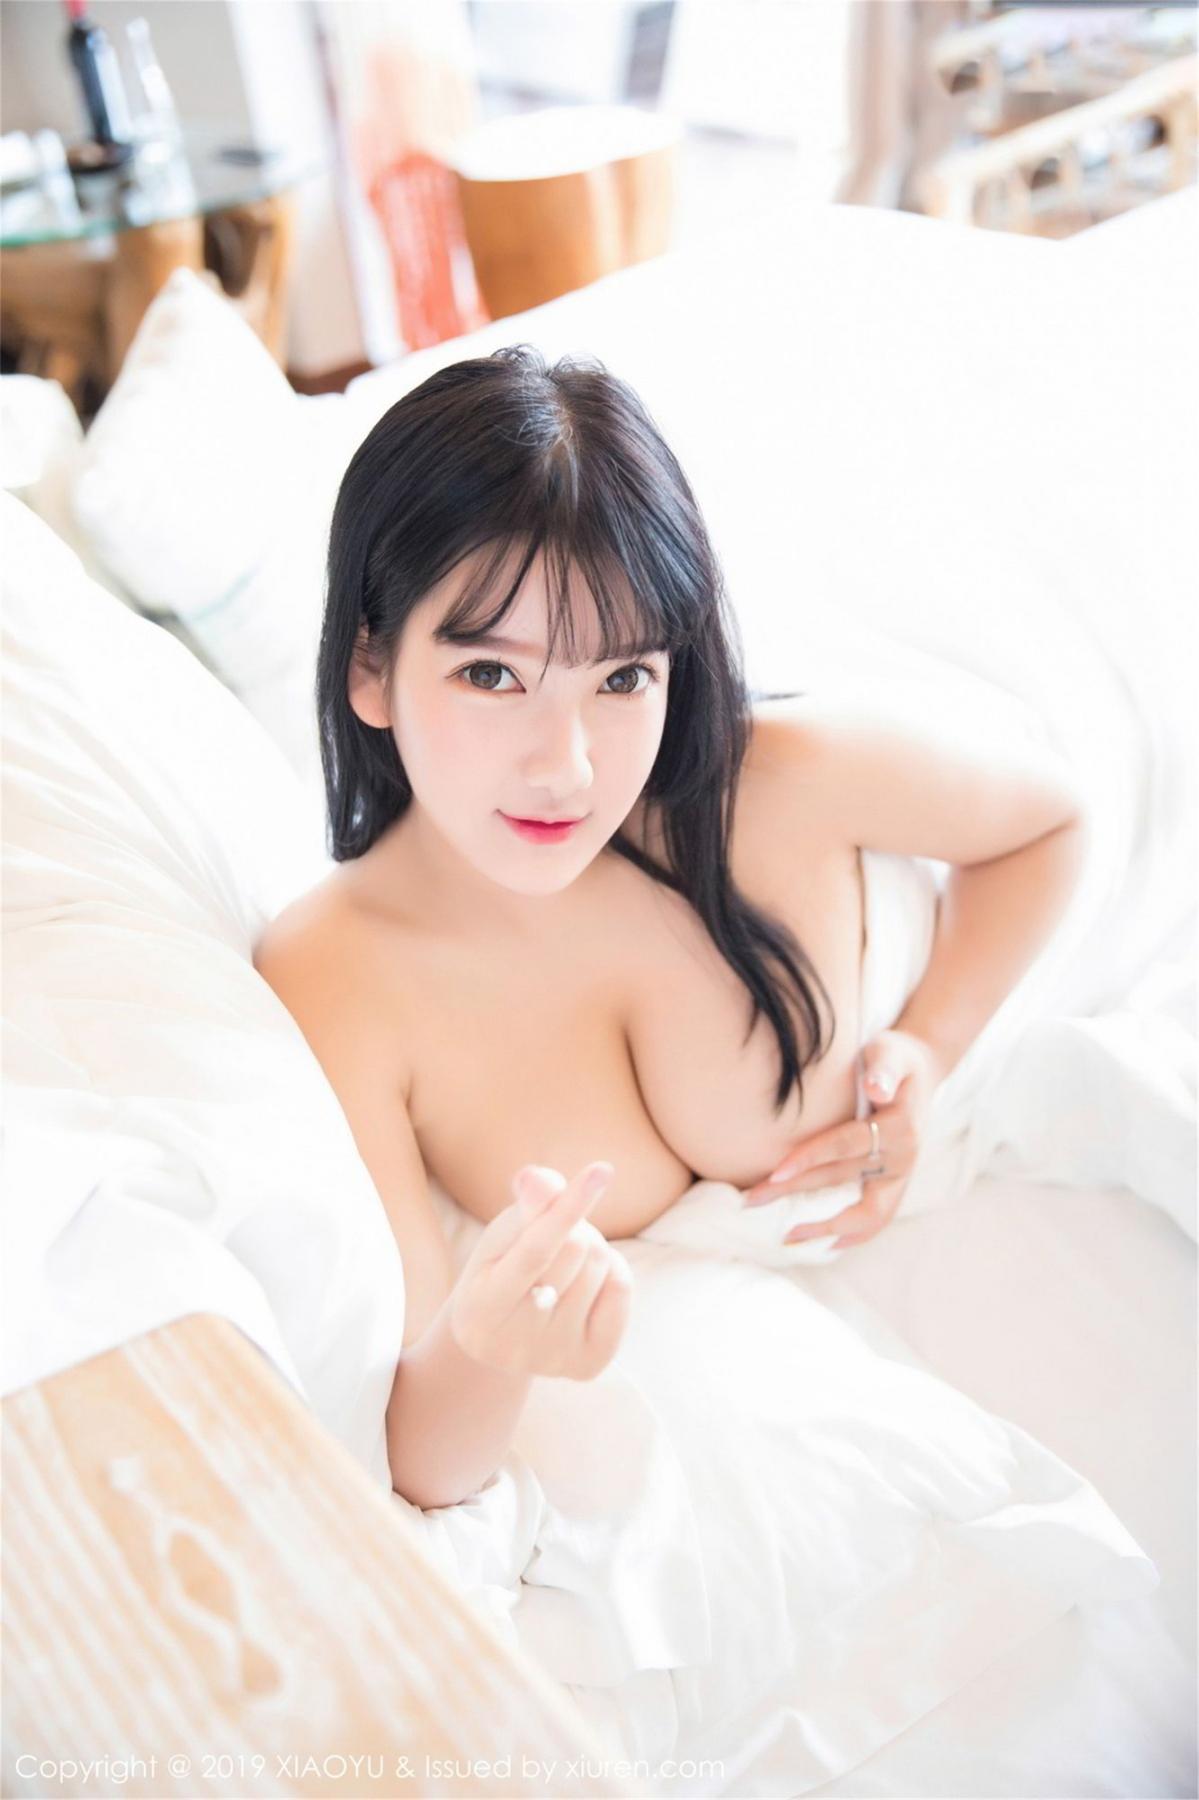 [XiaoYu] Vol.070 Lu Lu Xiao Miao 14P, Baby Face Big Boobs, Lovely, Lu Lu Xiao Miao, XiaoYu